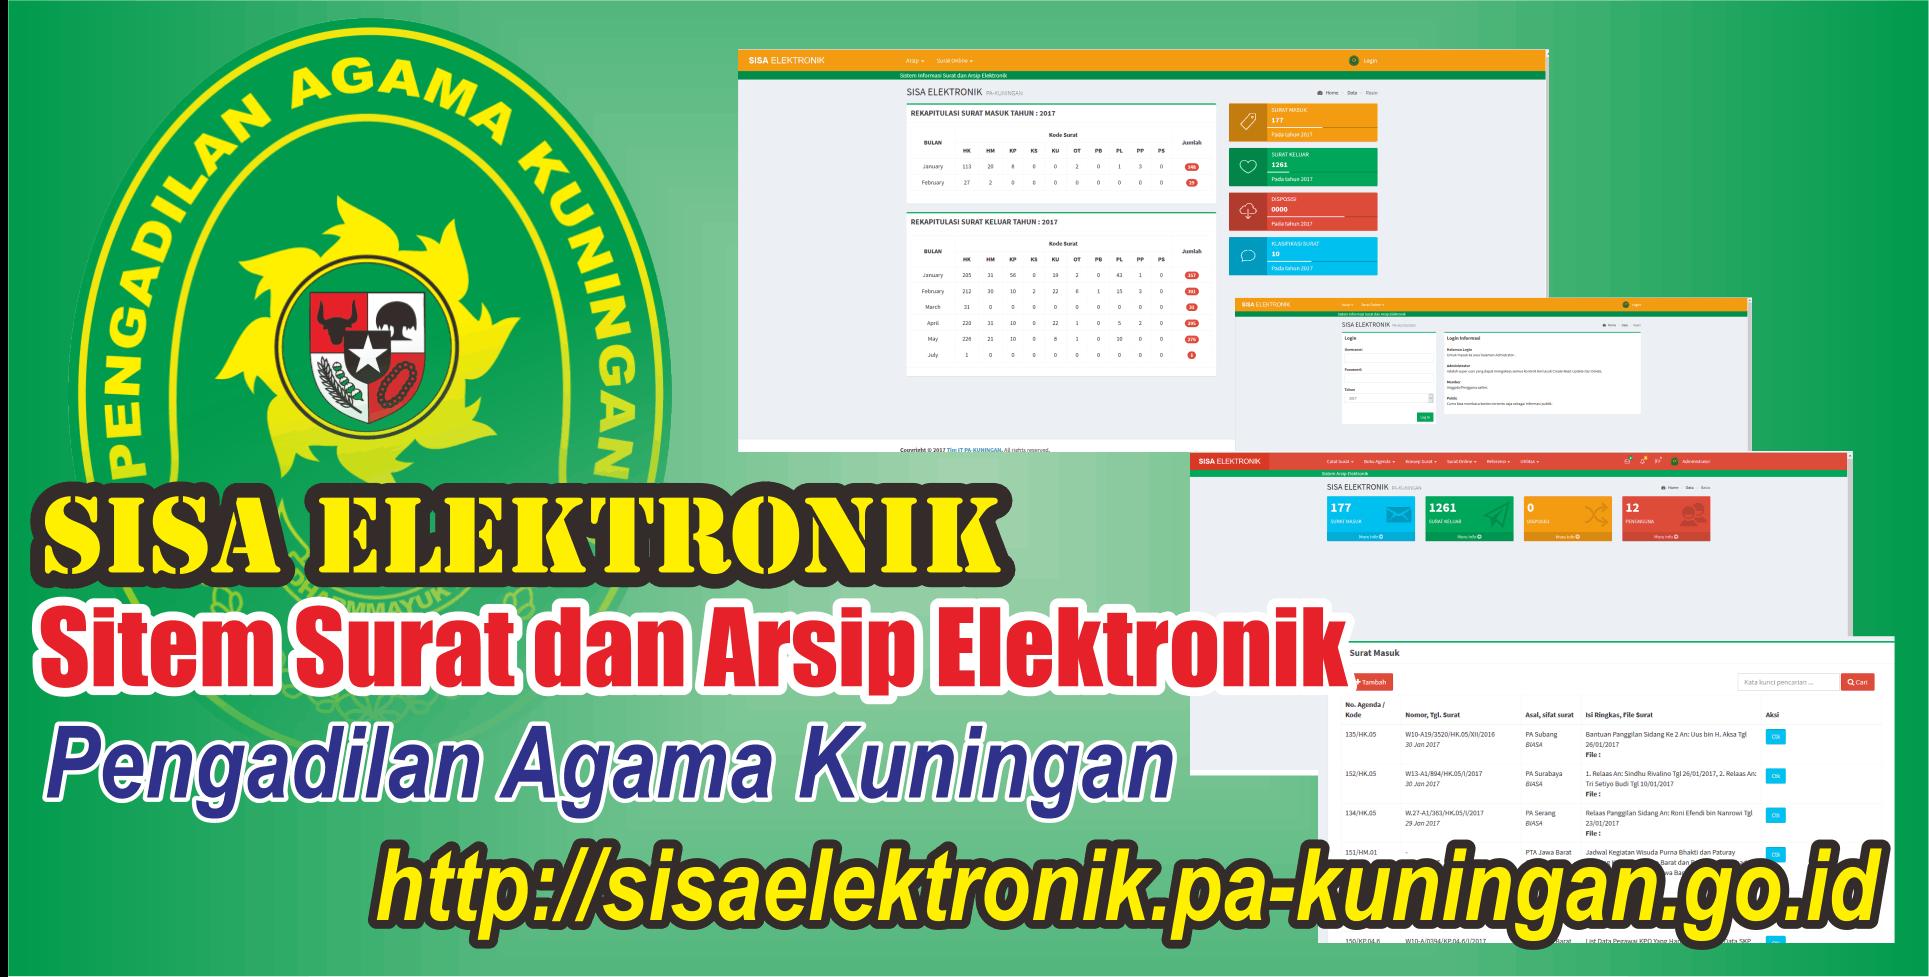 Sisa Elektronik